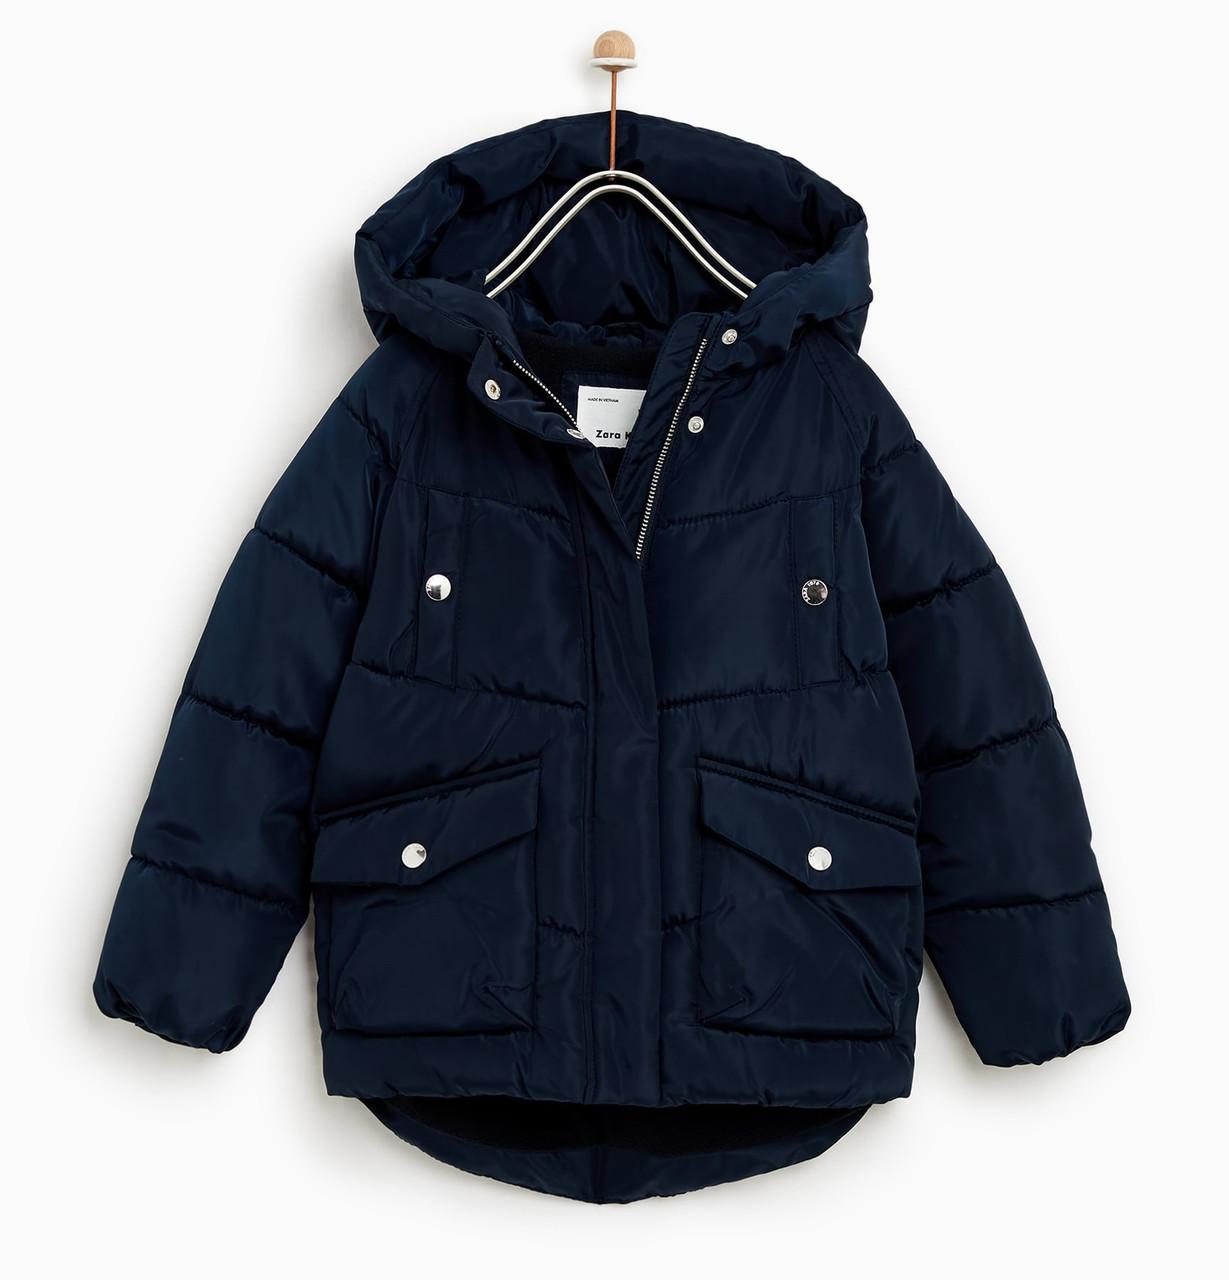 Демисезонная куртка на девочку ZARA Испания Размер 152